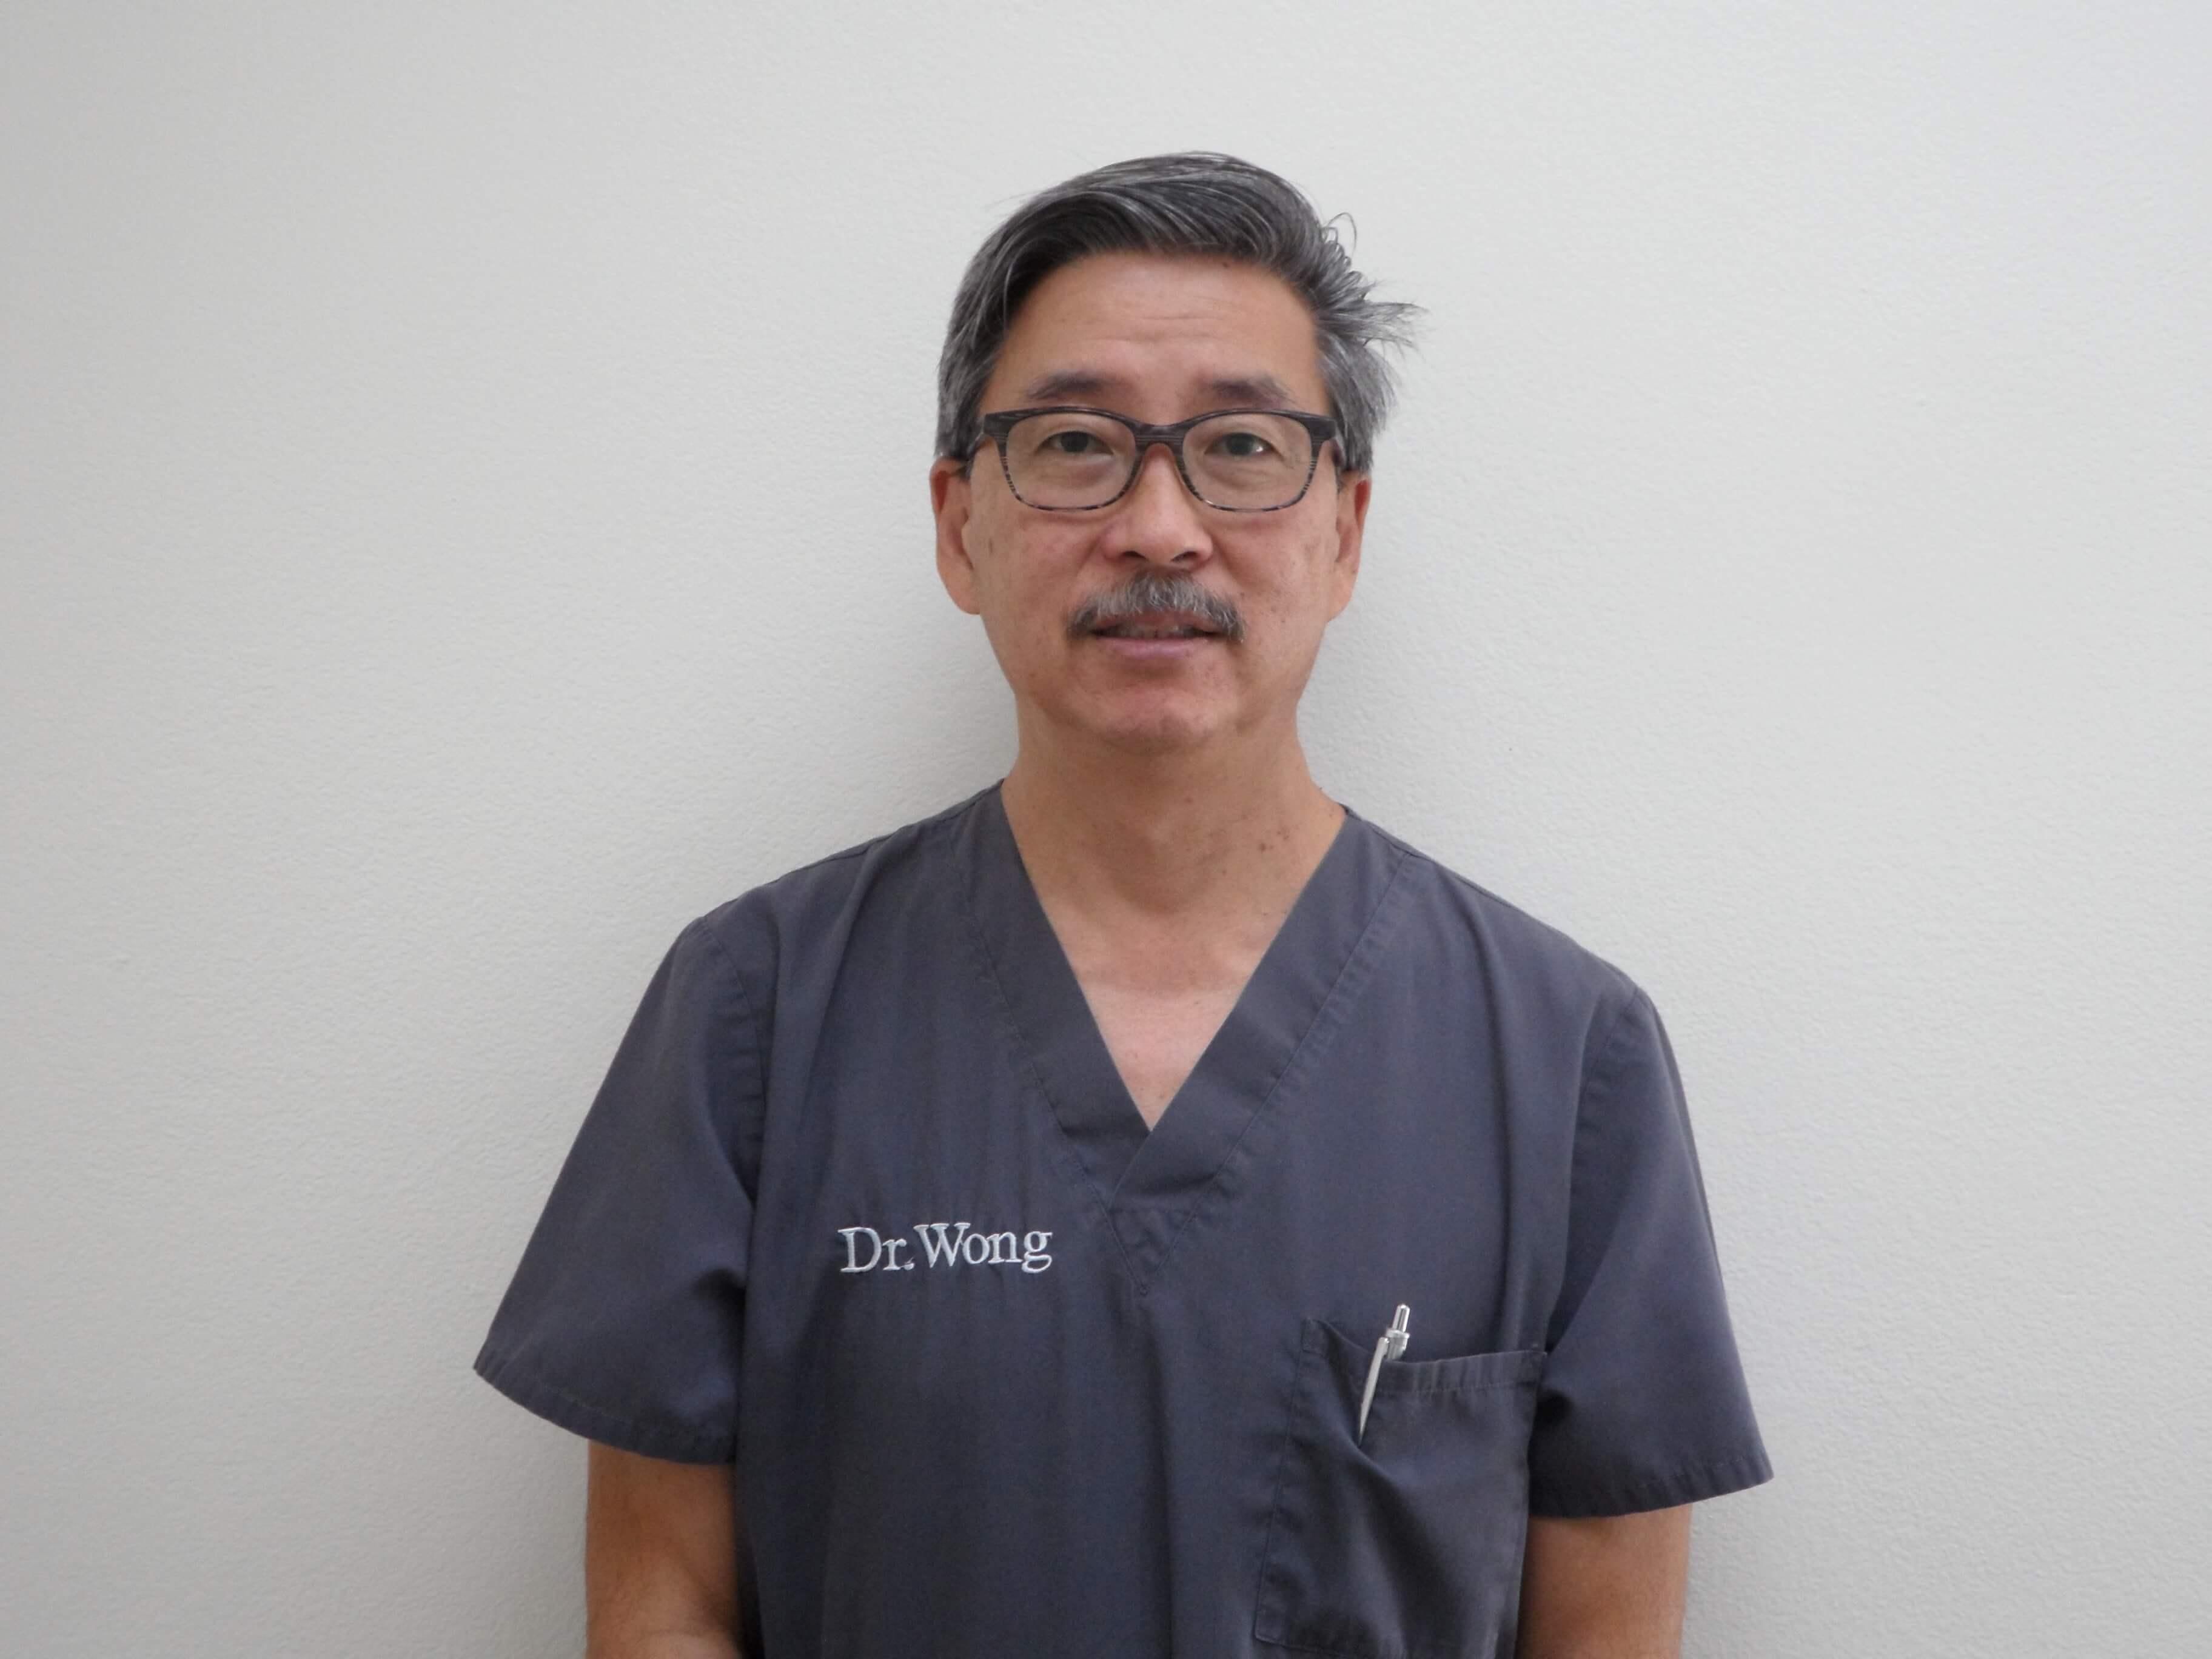 Darren J. Wong